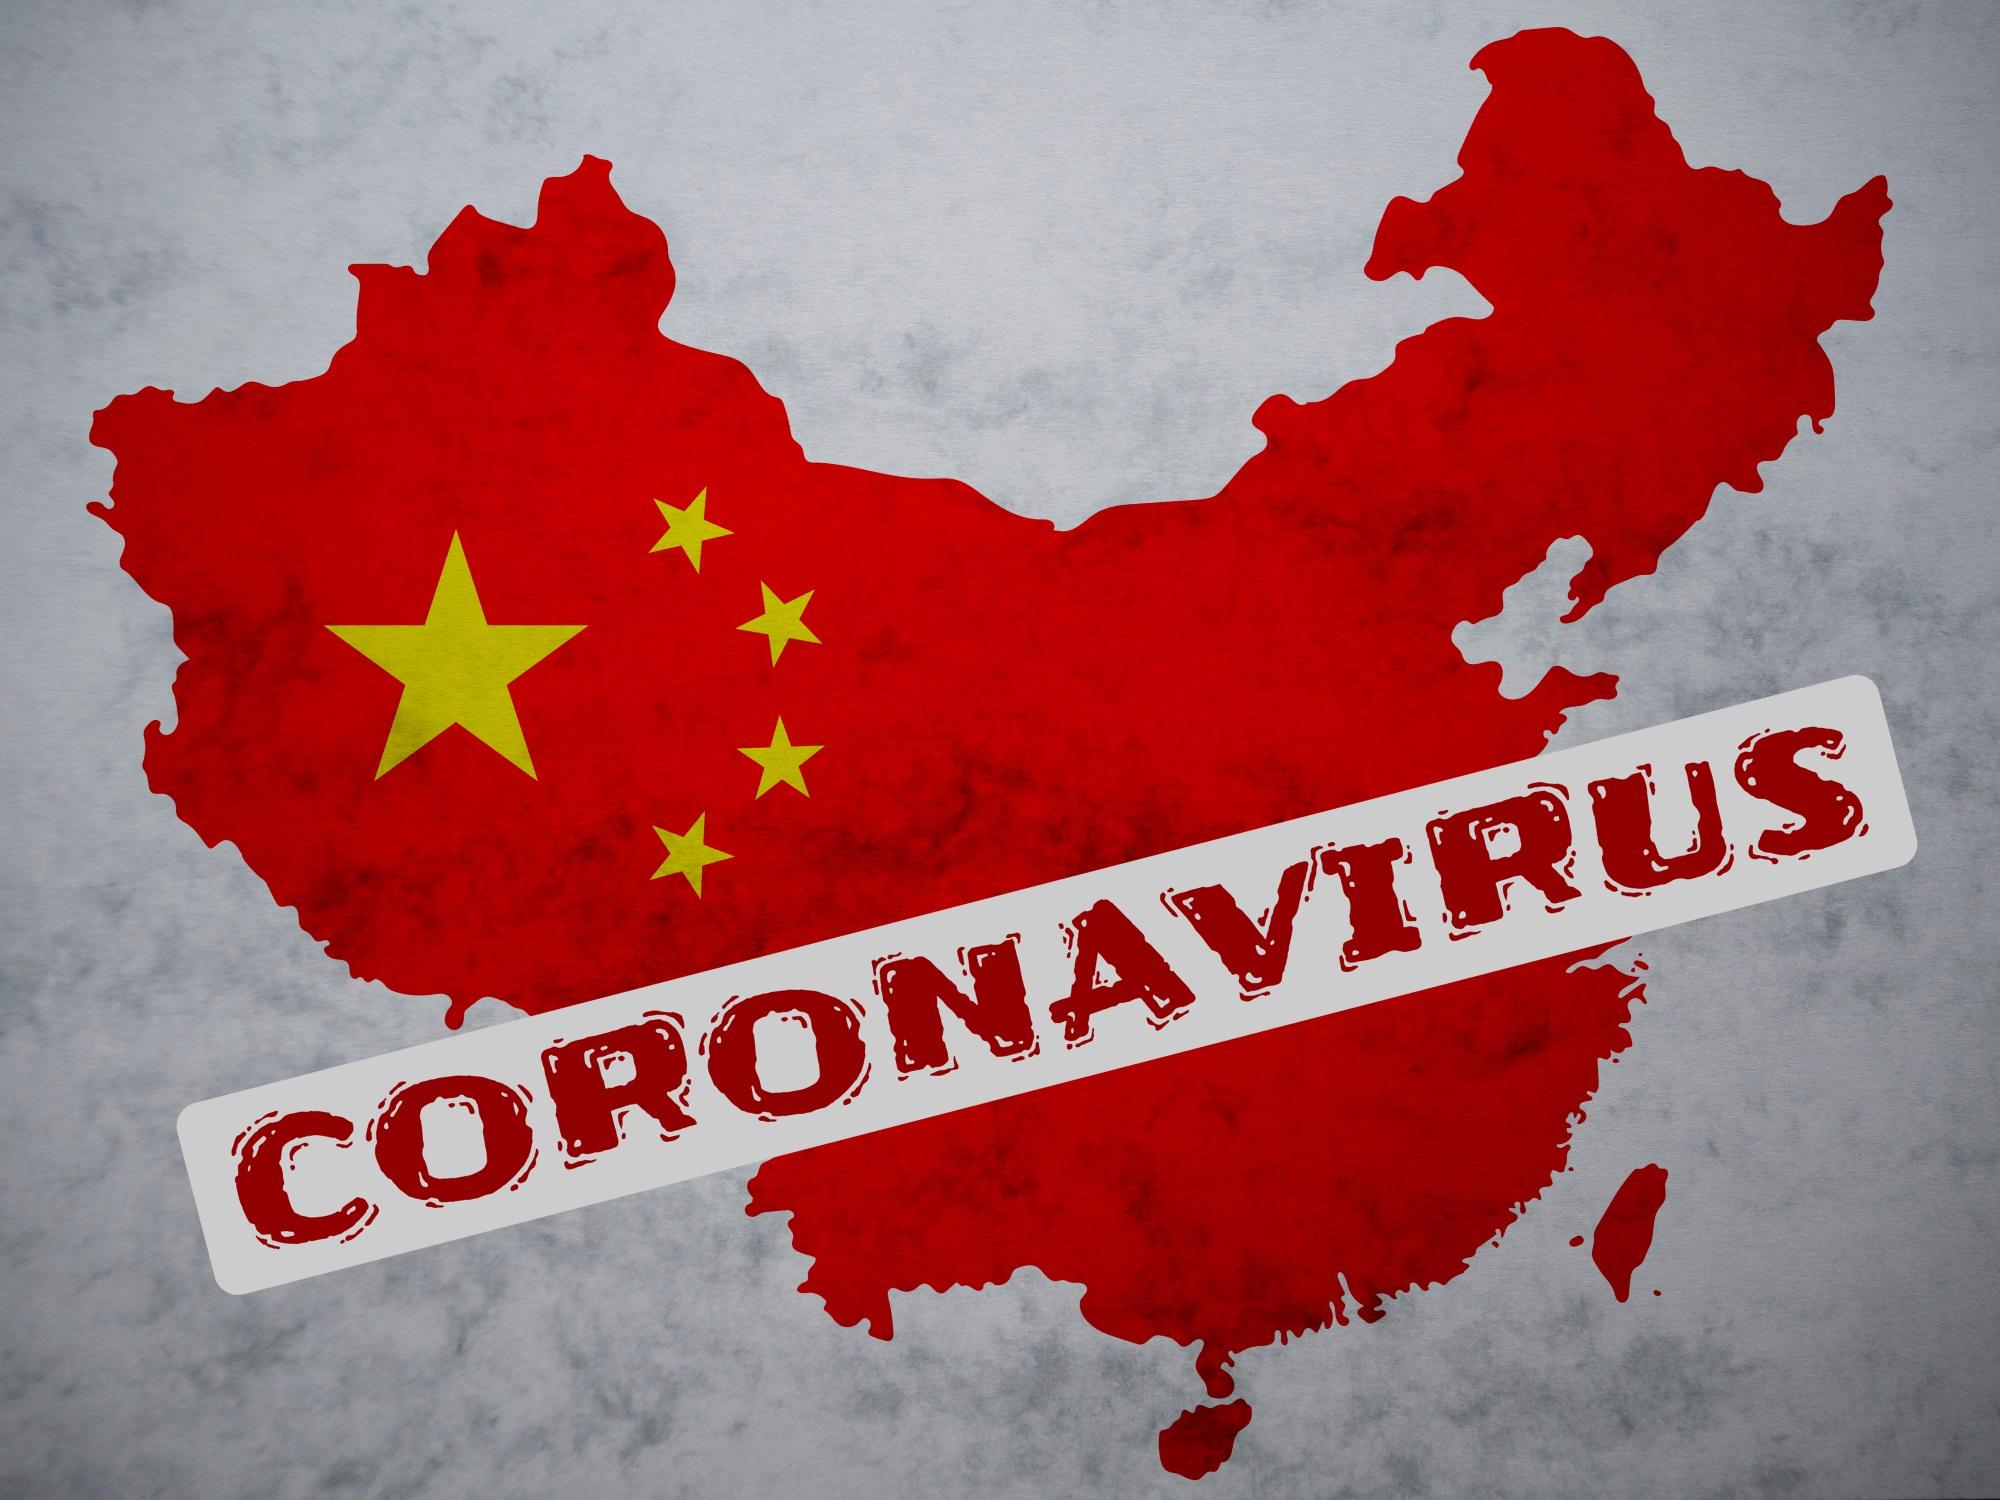 Chiński ekonomista Zhang Ming uważa, że kolejne kroki chińskich władz będą musiały być bardziej drastyczne, by zredukować negatywne efekty ekonomiczne sytuacji z koronawirusem. (fot. Shutterstock)